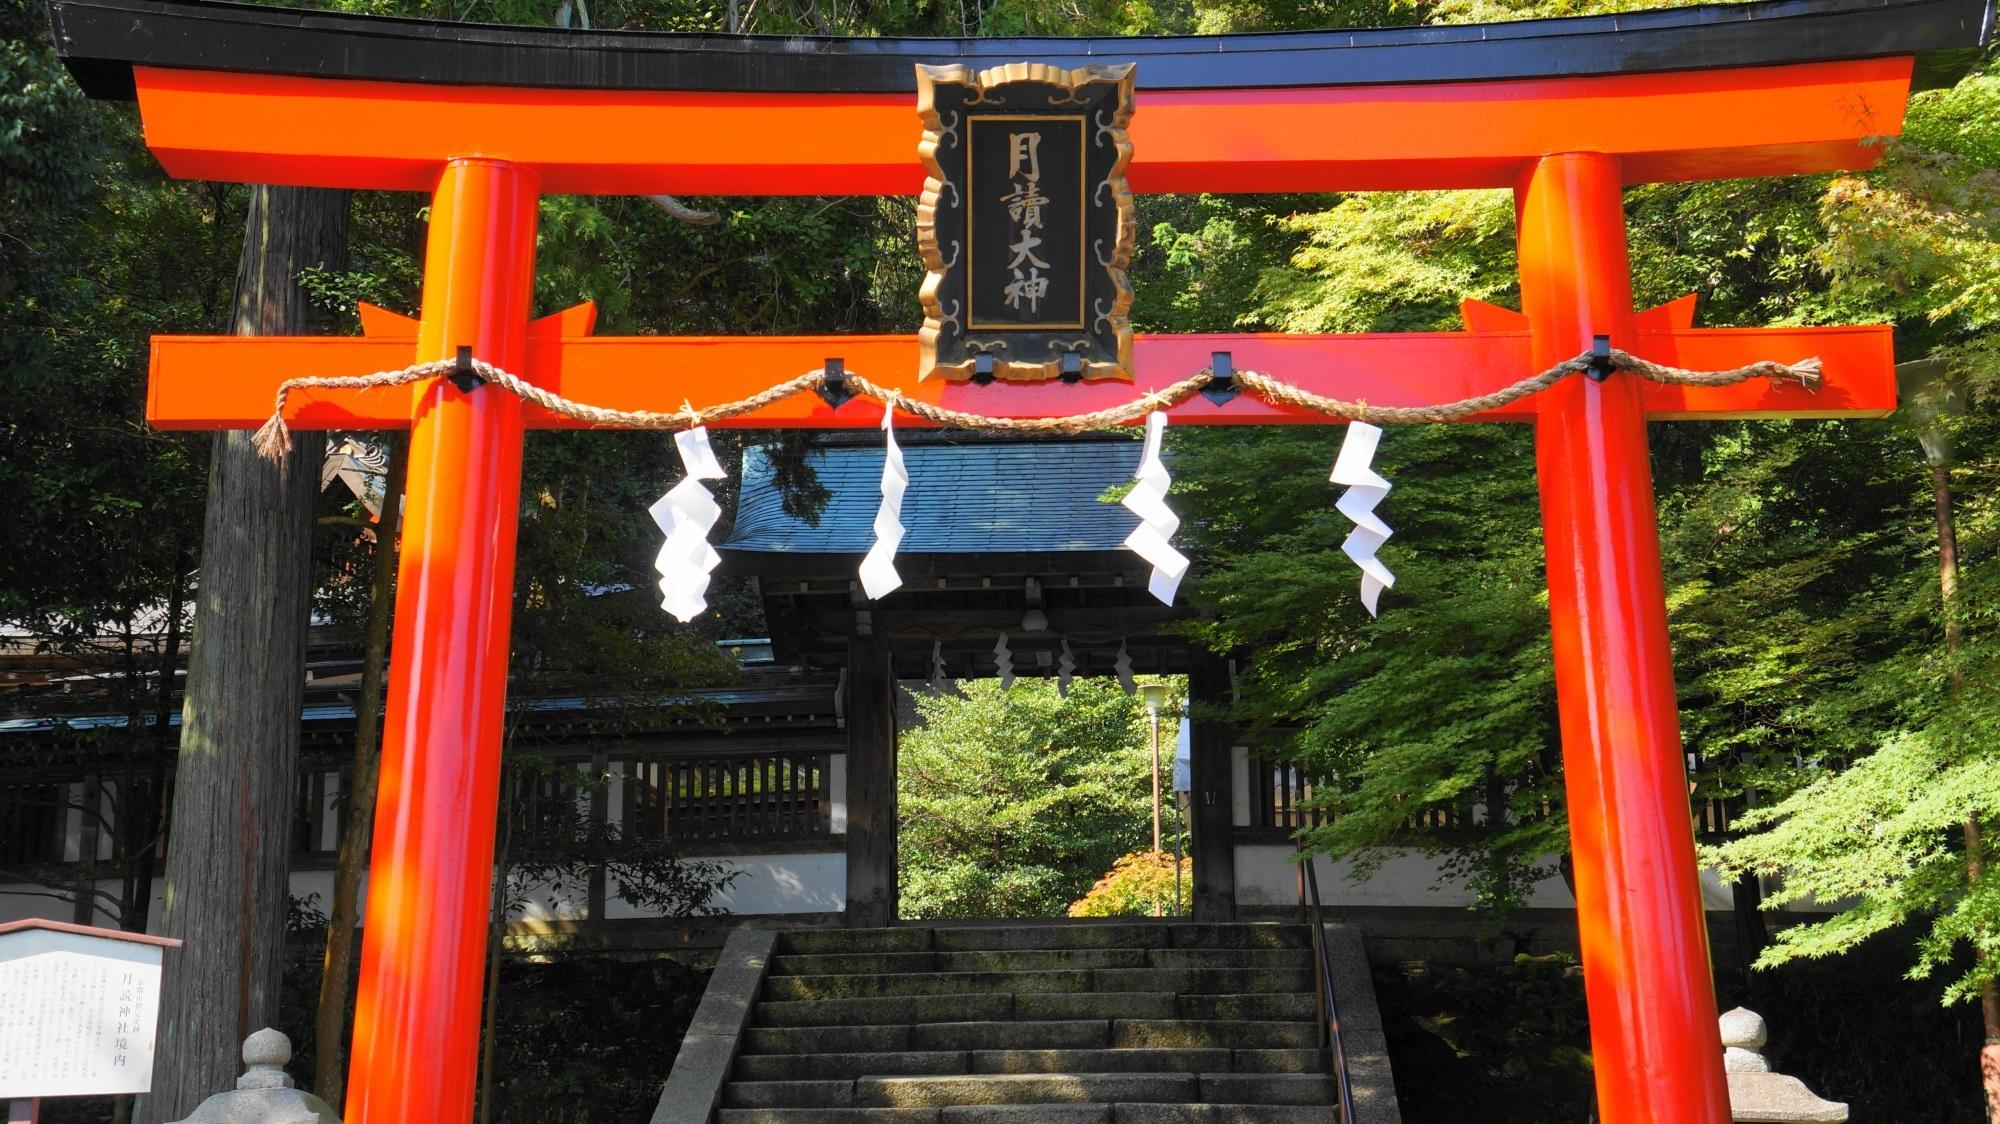 月読神社(つきよみ神社)